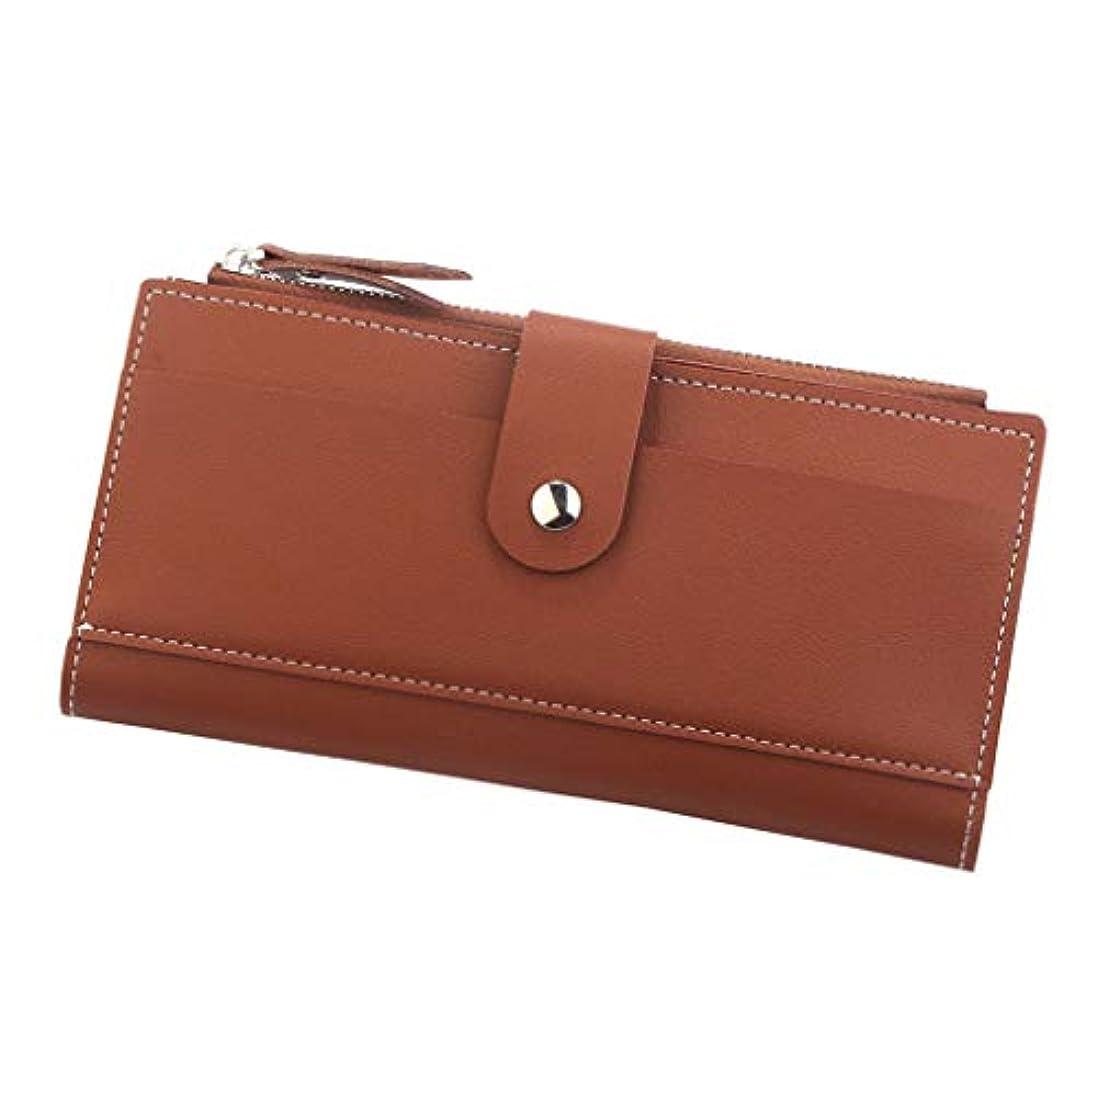 競う最高無長財布 レディース 人気 安い YOKINO ハンドバッグ 手帳型 柔らかい 皮革 小銭入れ スマホケース 小銭入れ人気 カード大容 プレゼント使いやすい 高級感あり 手触り良い 女性用